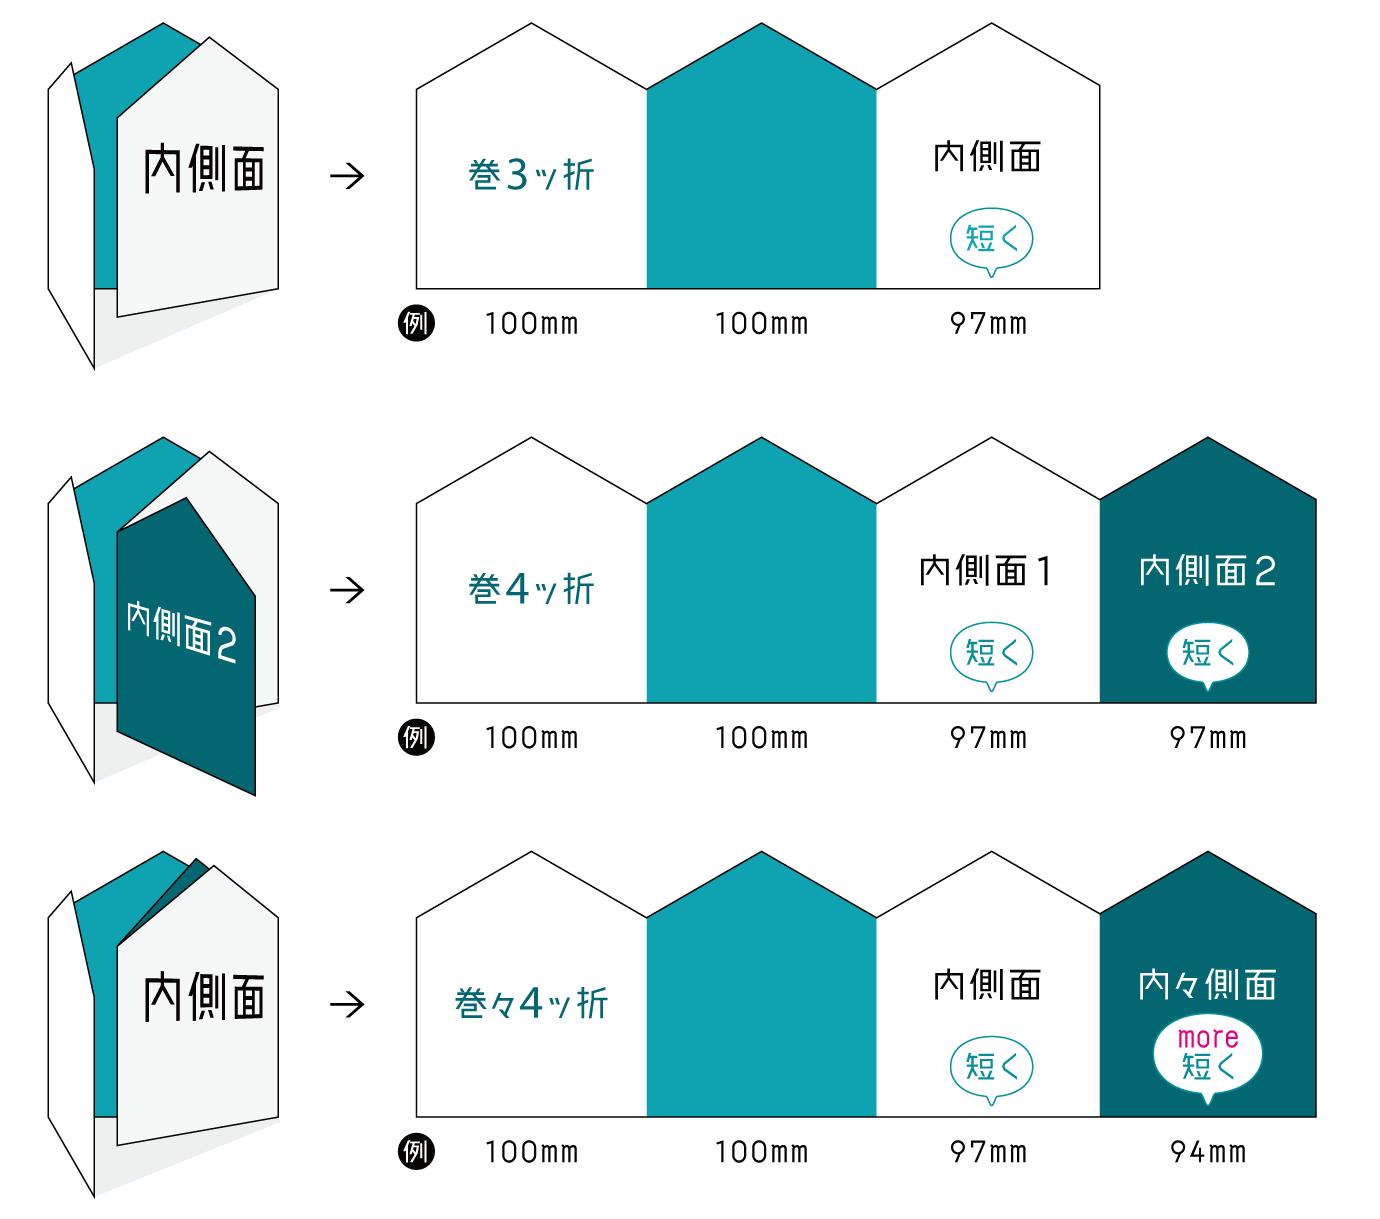 ori-feature_guide1